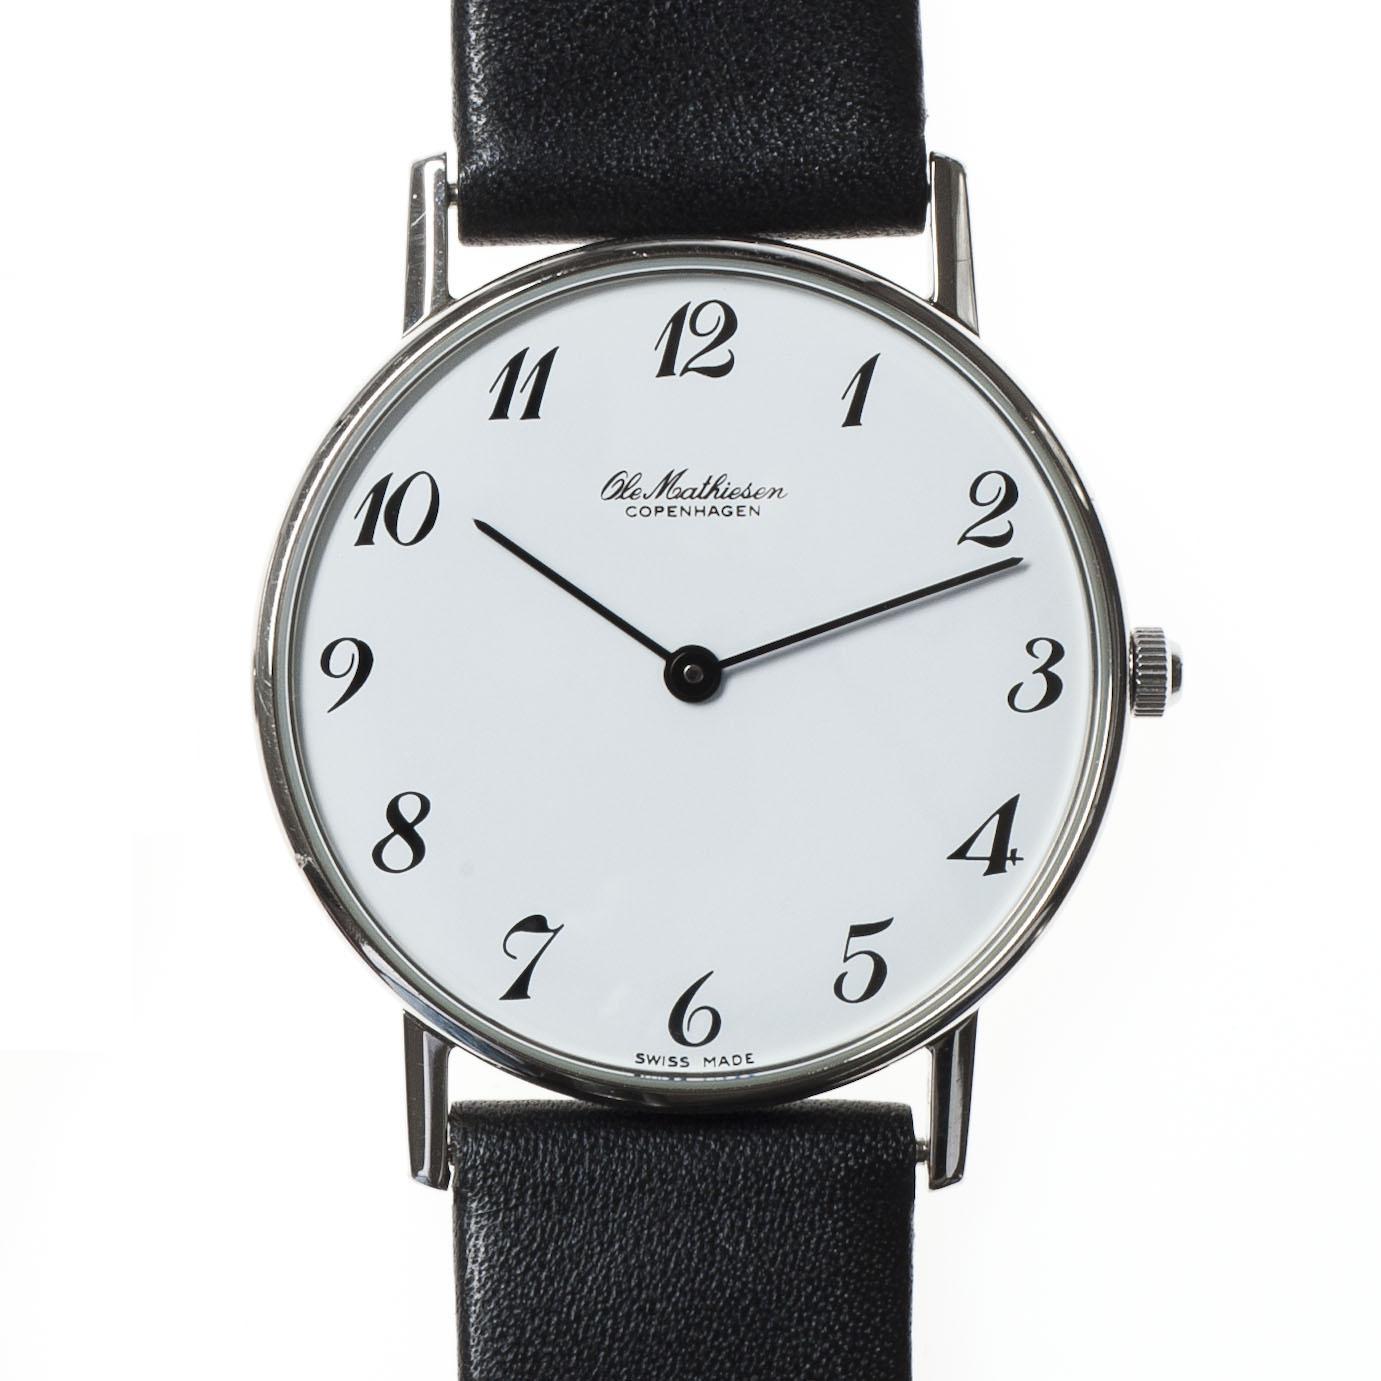 Armbanduhr zeichnung  Ole Mathiesen Armbanduhr OM3 arabisch bei Torquato.de